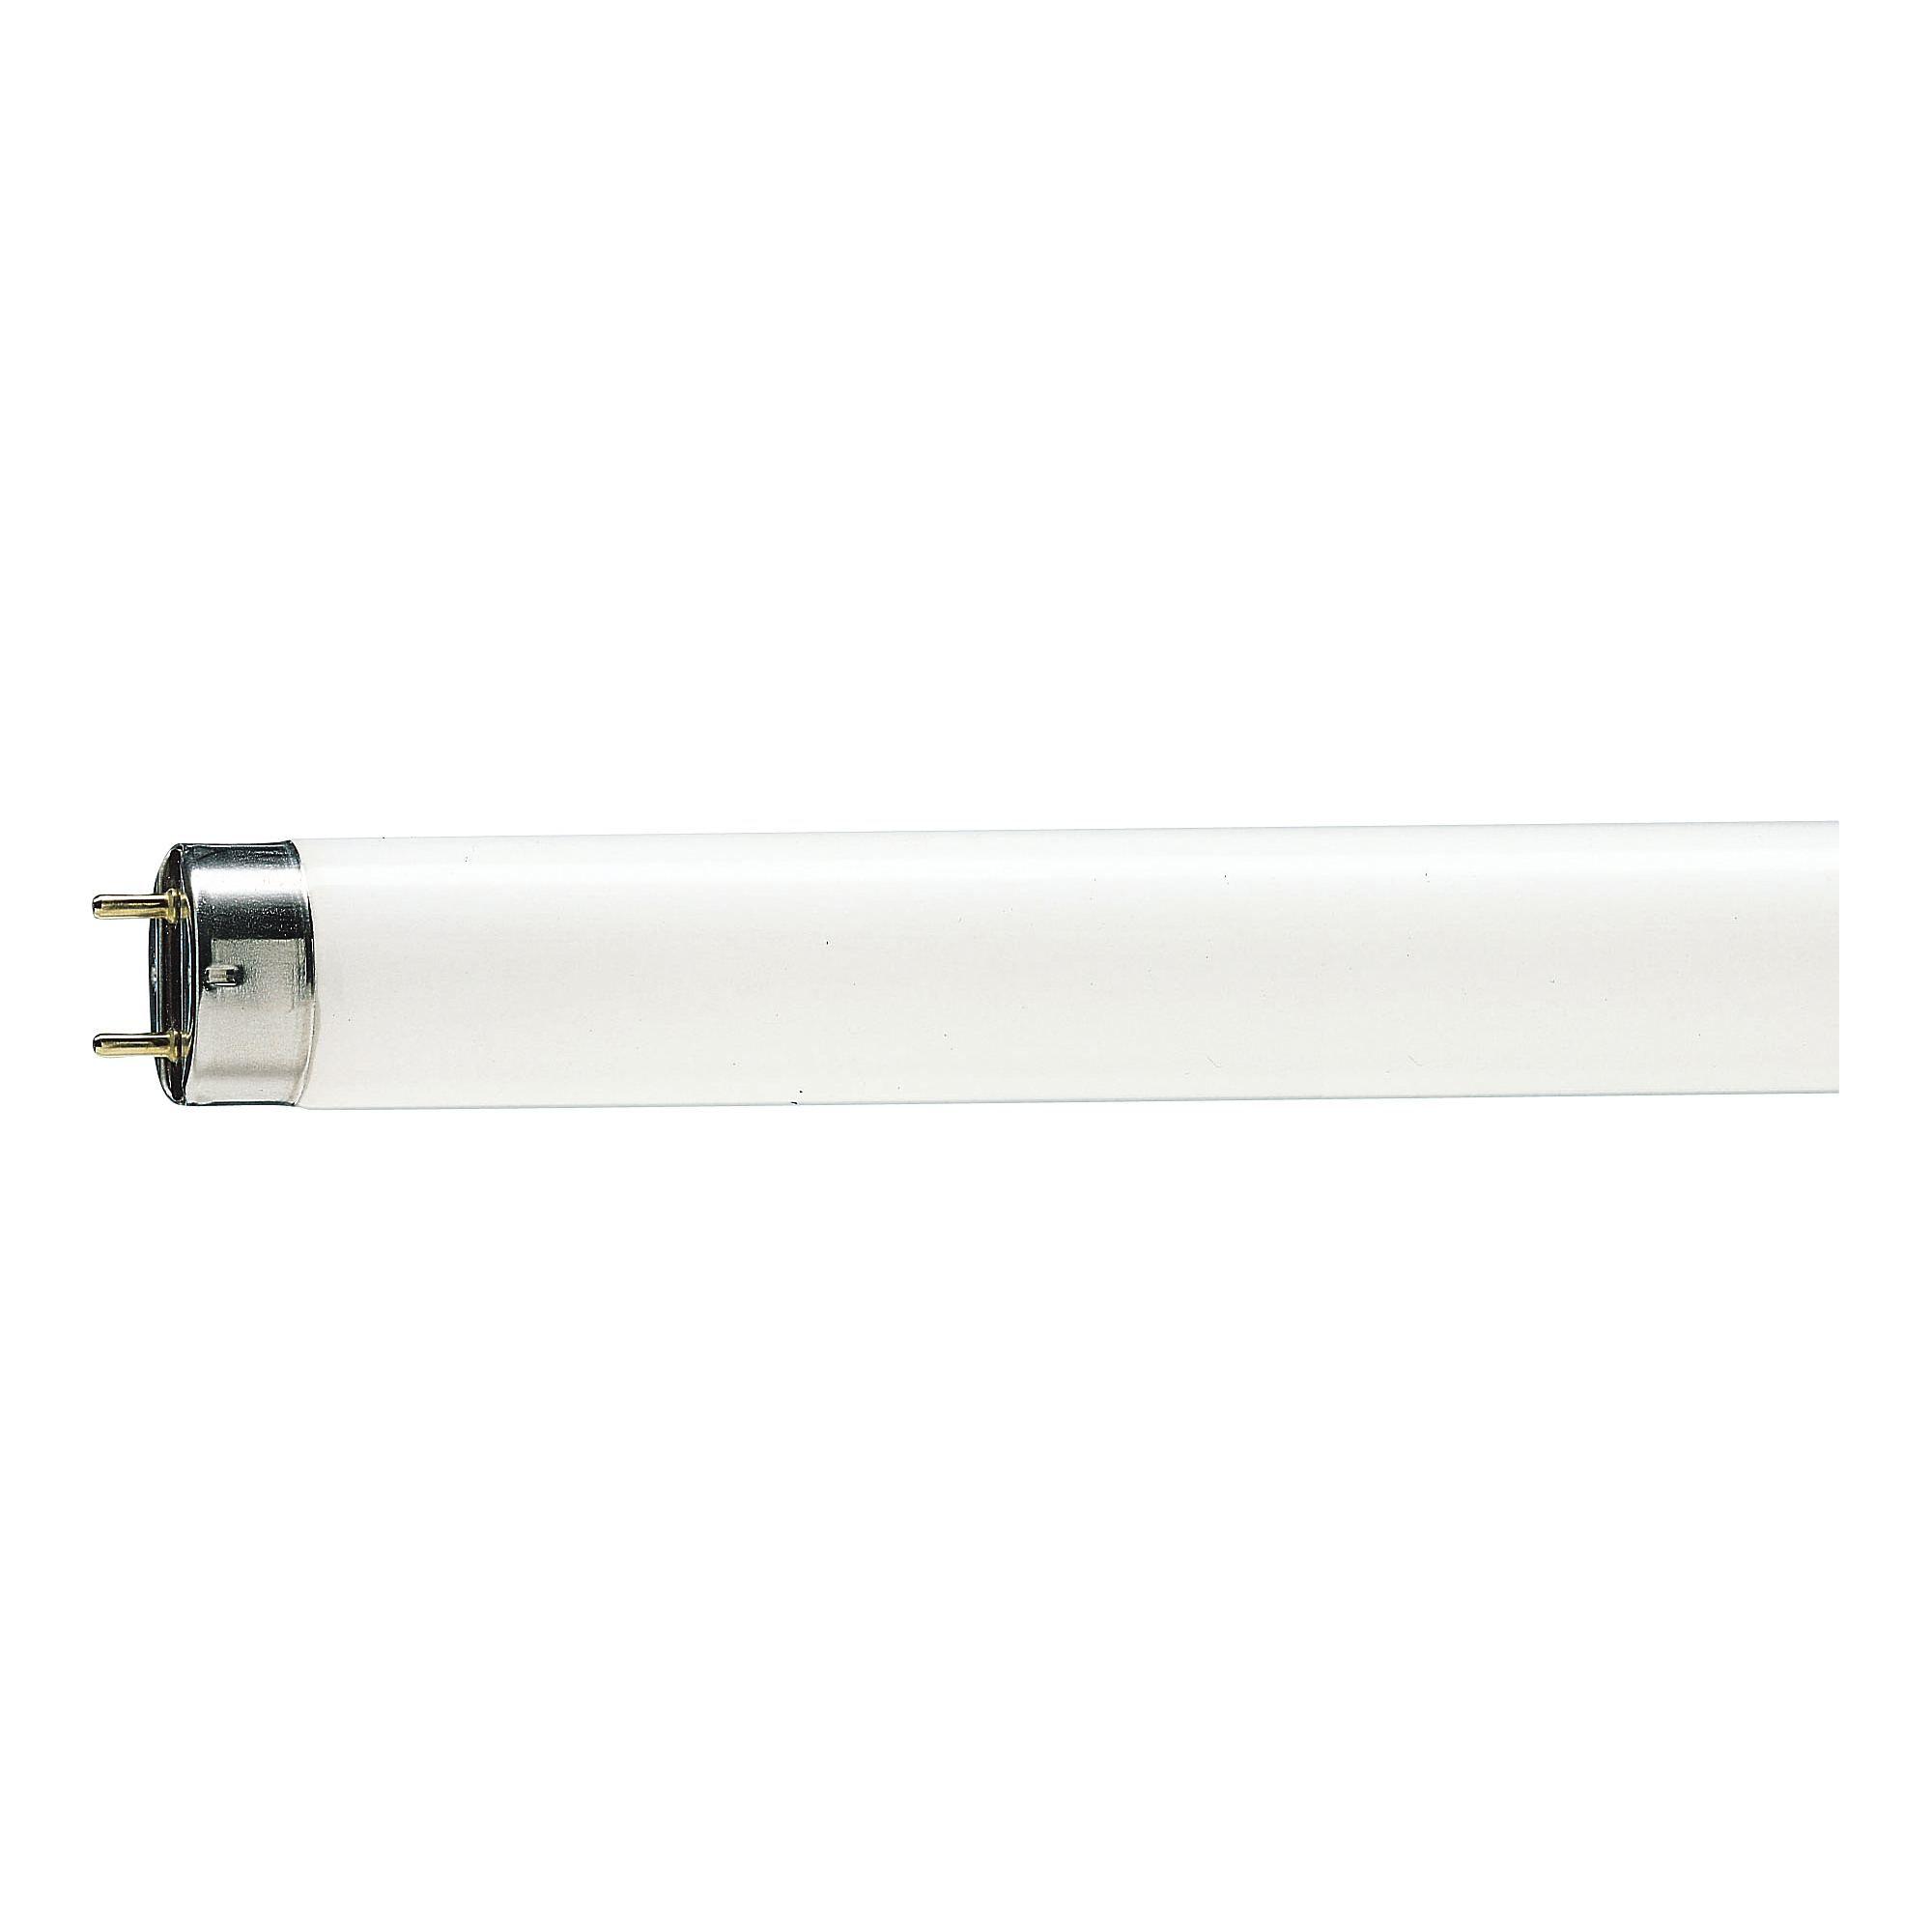 Купить Лампа люминесцентная Philips Master TL-D Food 18W/79 SLV/25 Т8 (d26) 600мм 18Вт